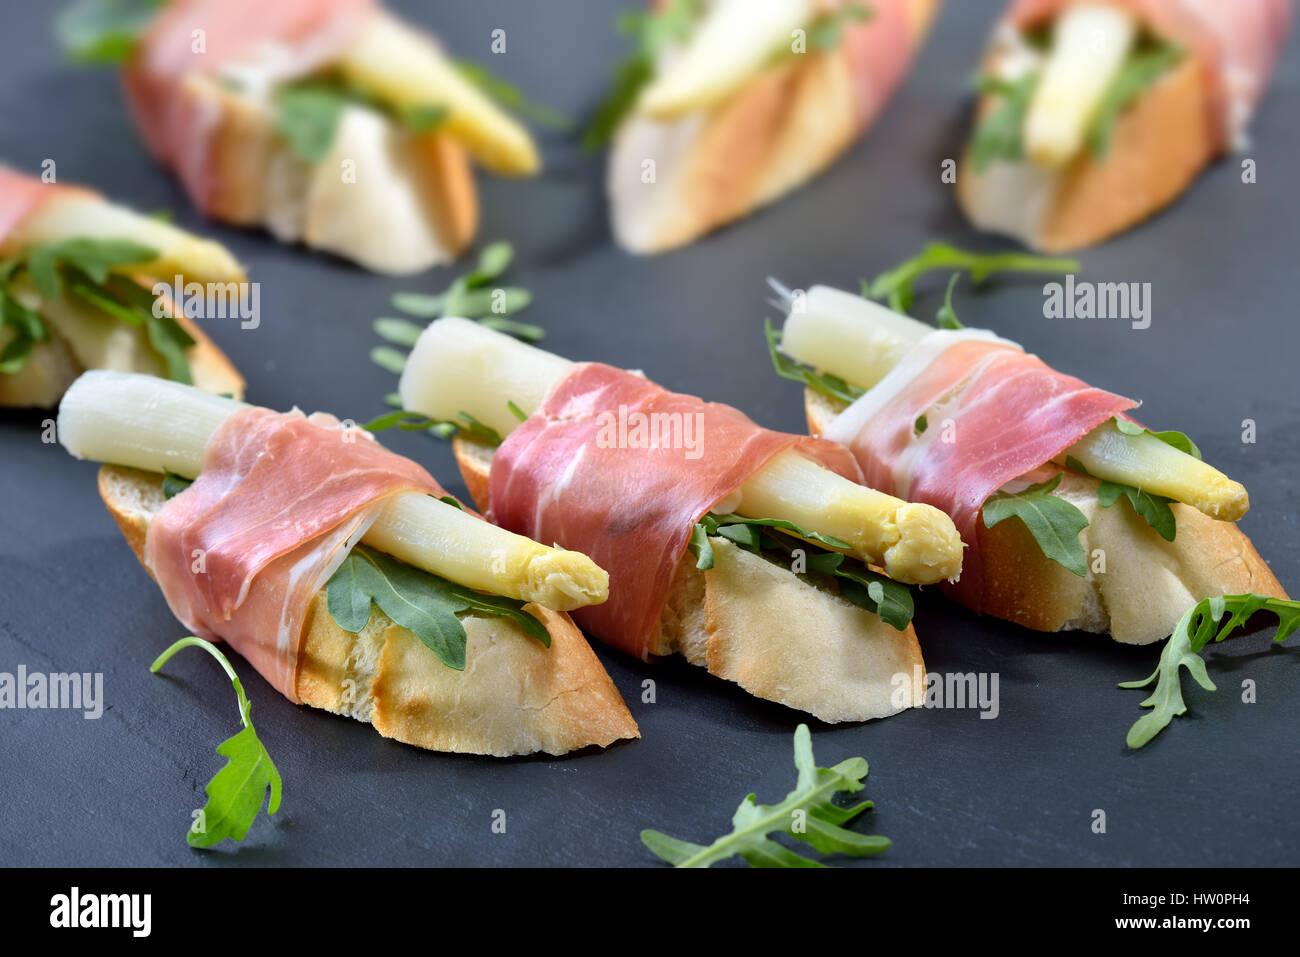 Deliciosos bocados con espárrago blanco sobre hojas de rúcula envueltos con prosciutto italiano Foto de stock